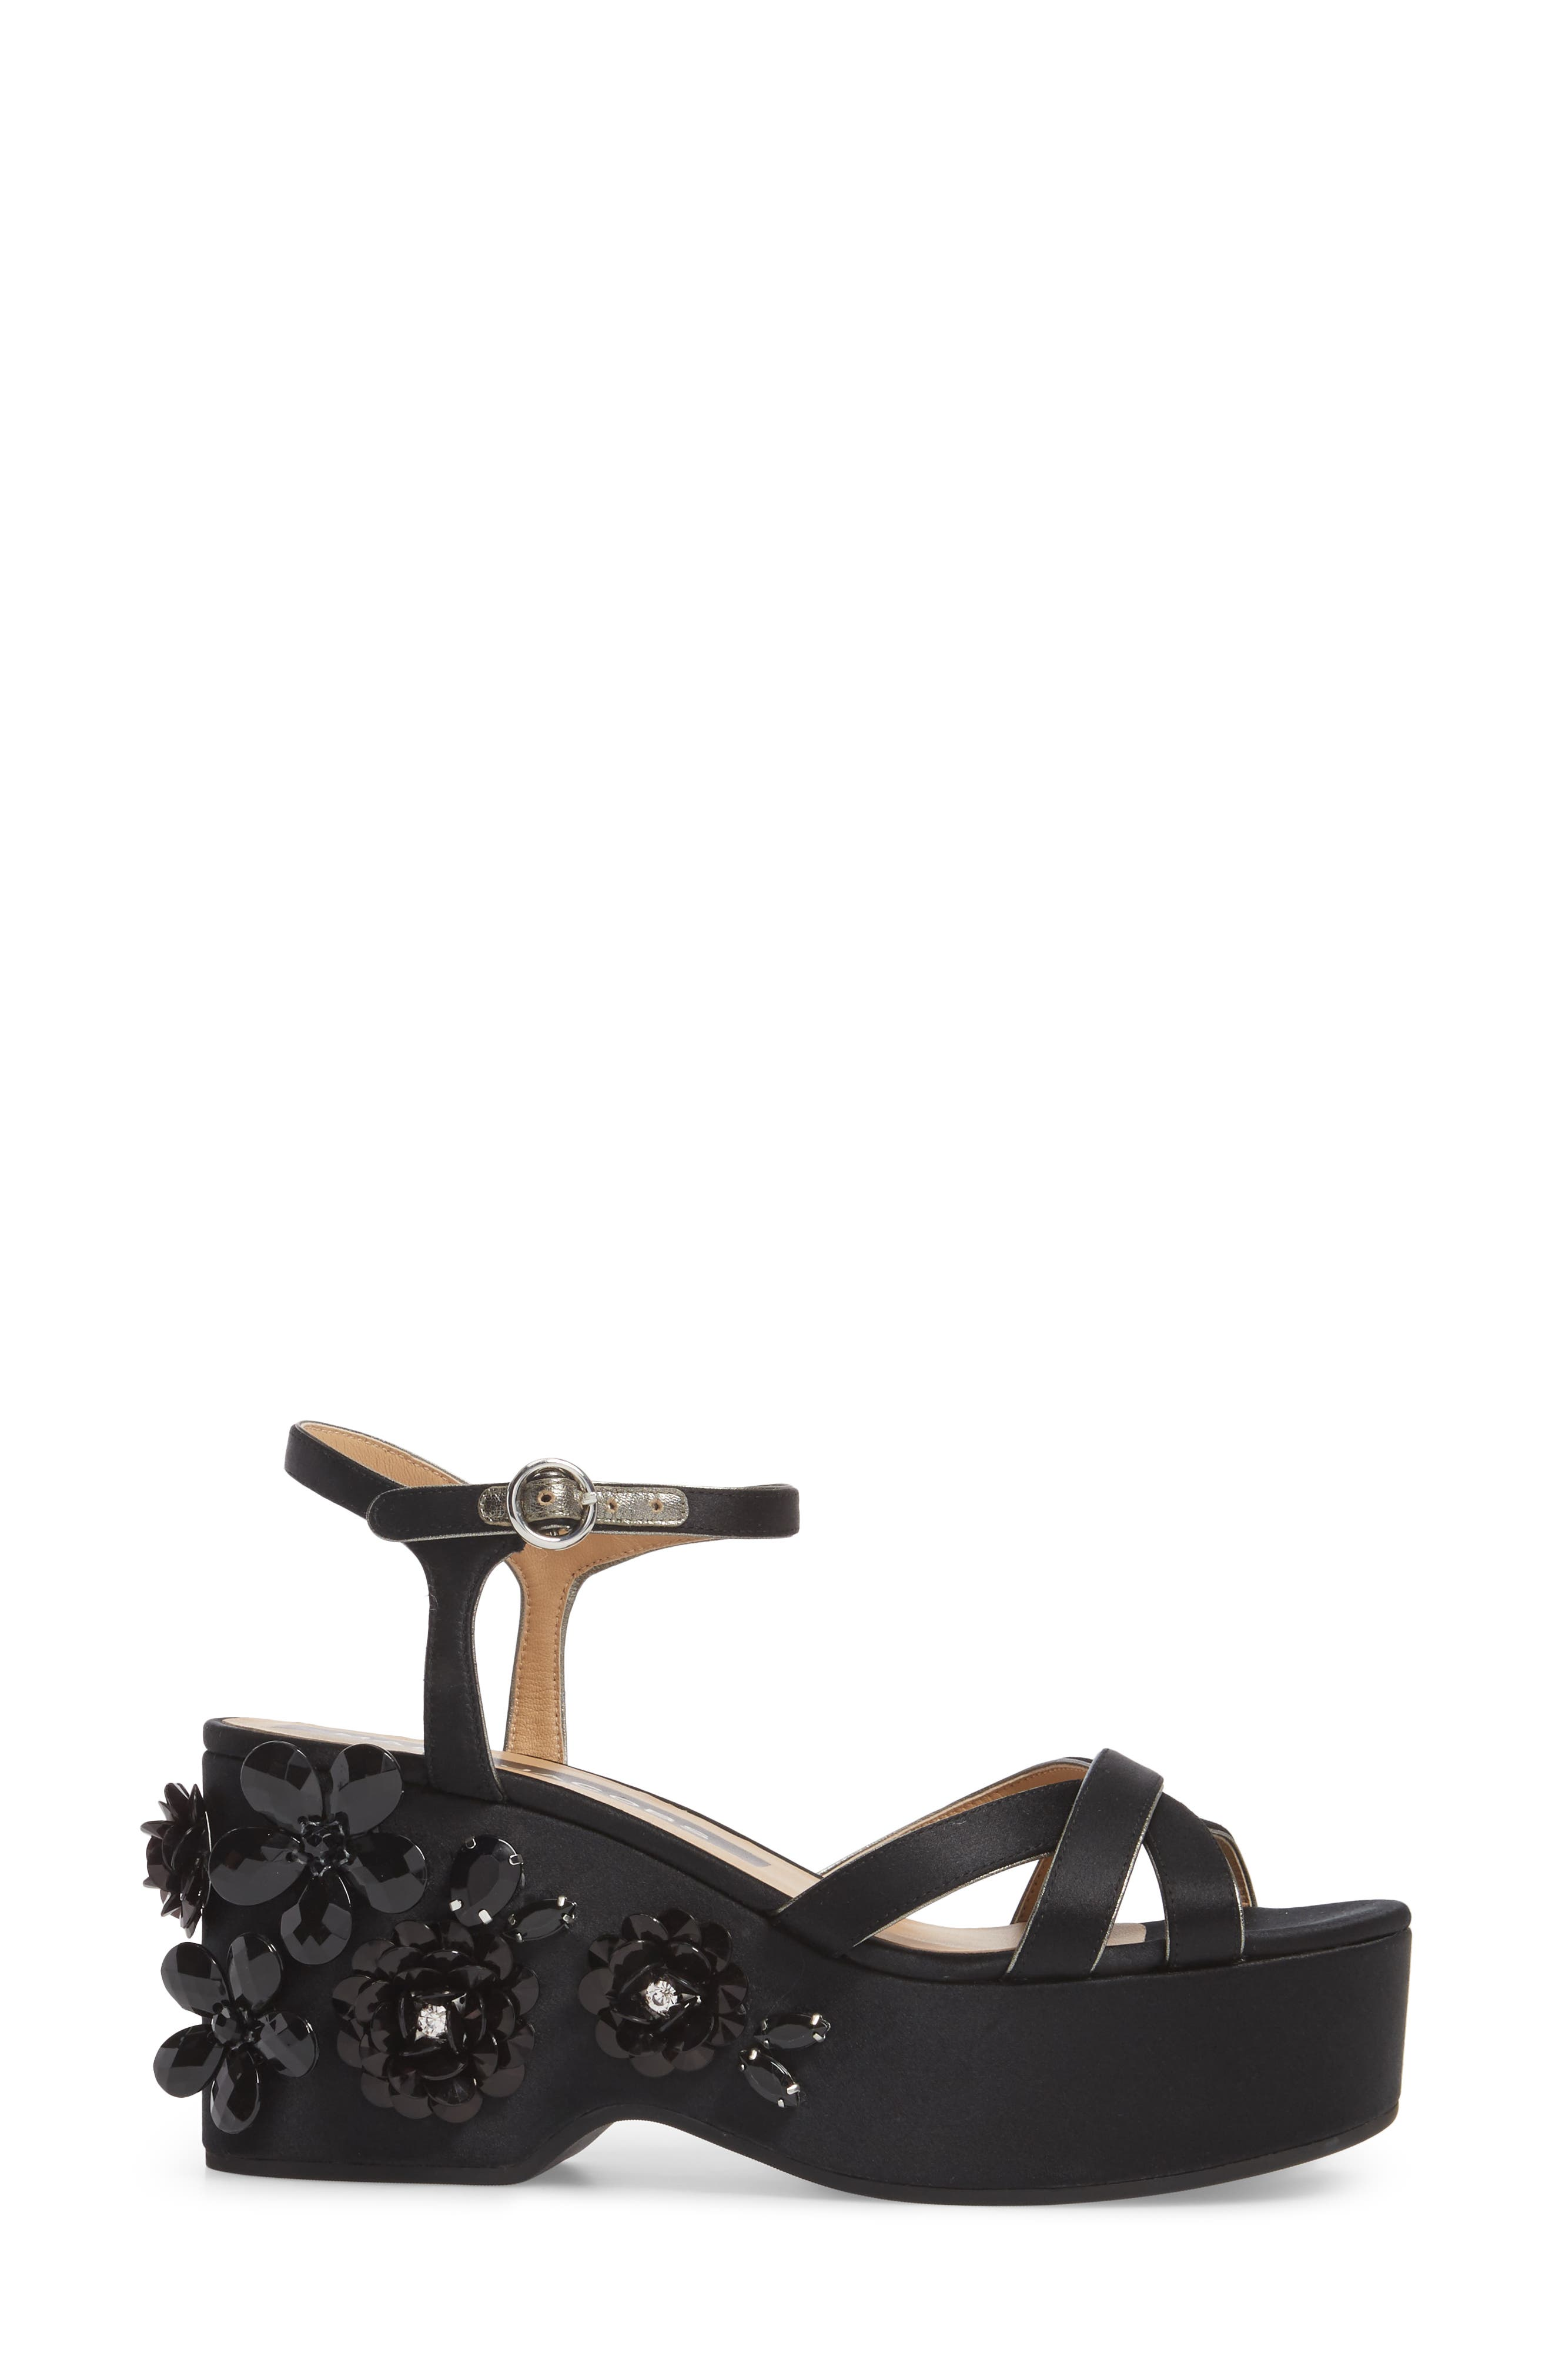 Callie Embellished Platform Sandal,                             Alternate thumbnail 3, color,                             001